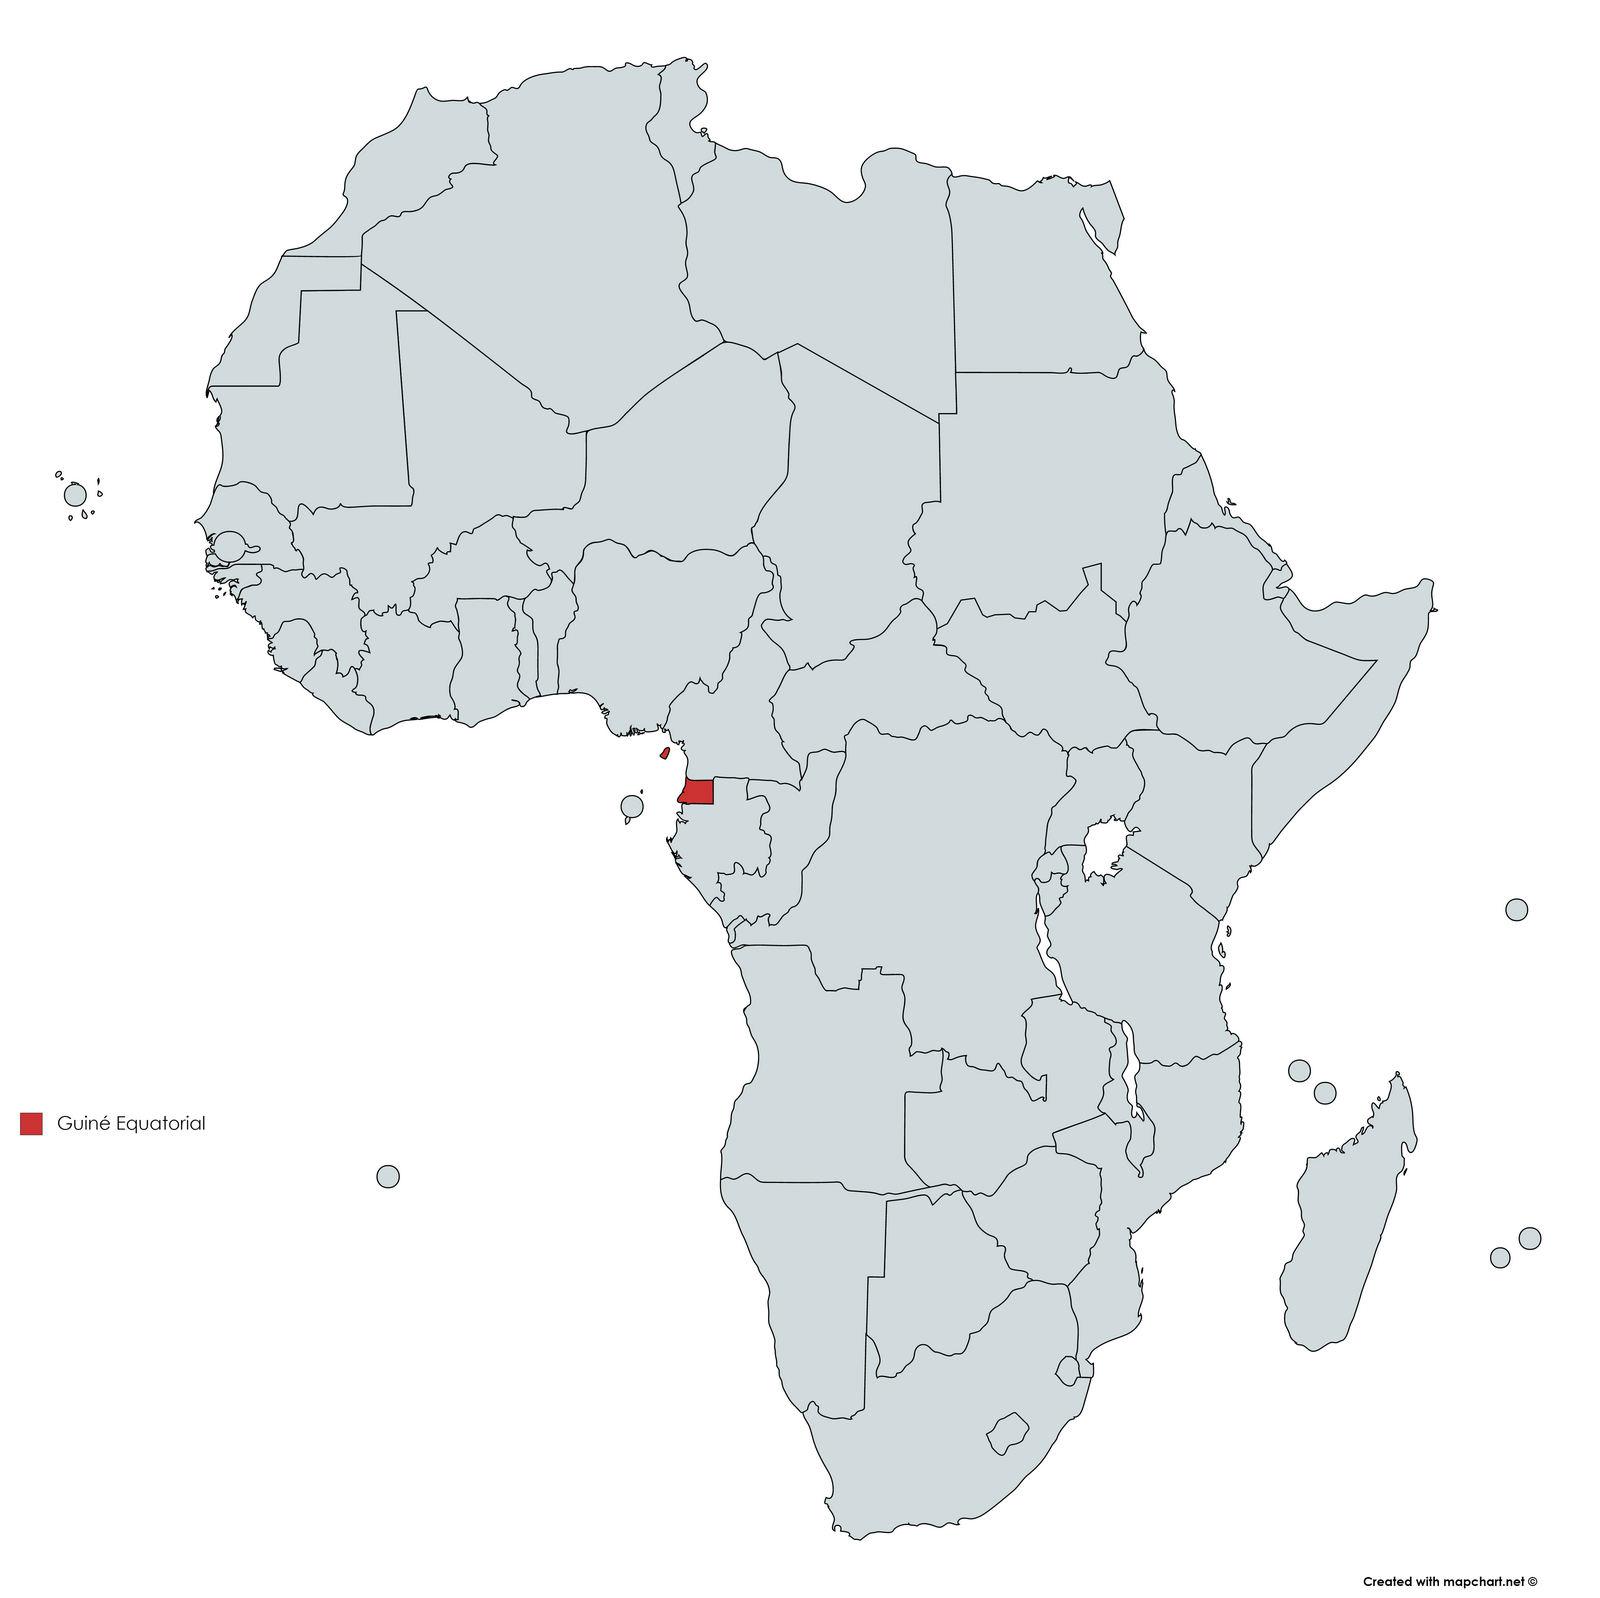 MAPA GUINE EQUATORIAL